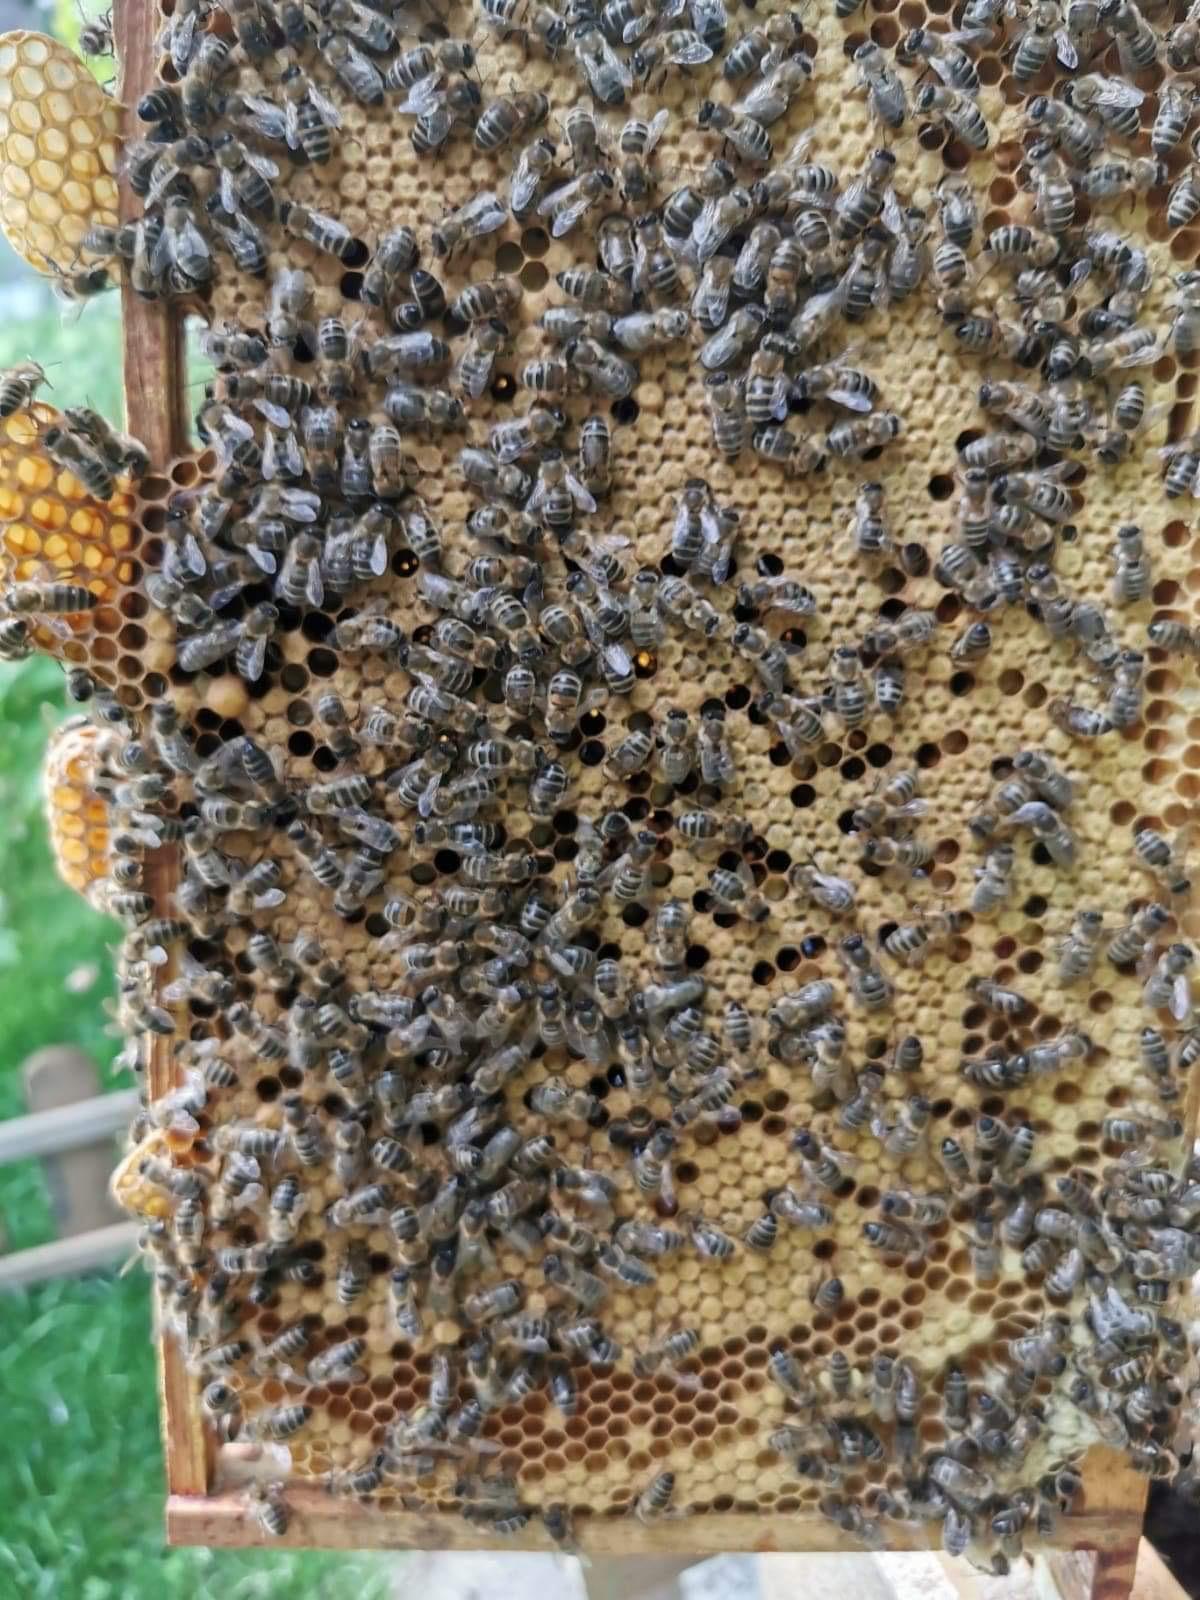 Many Many Bees